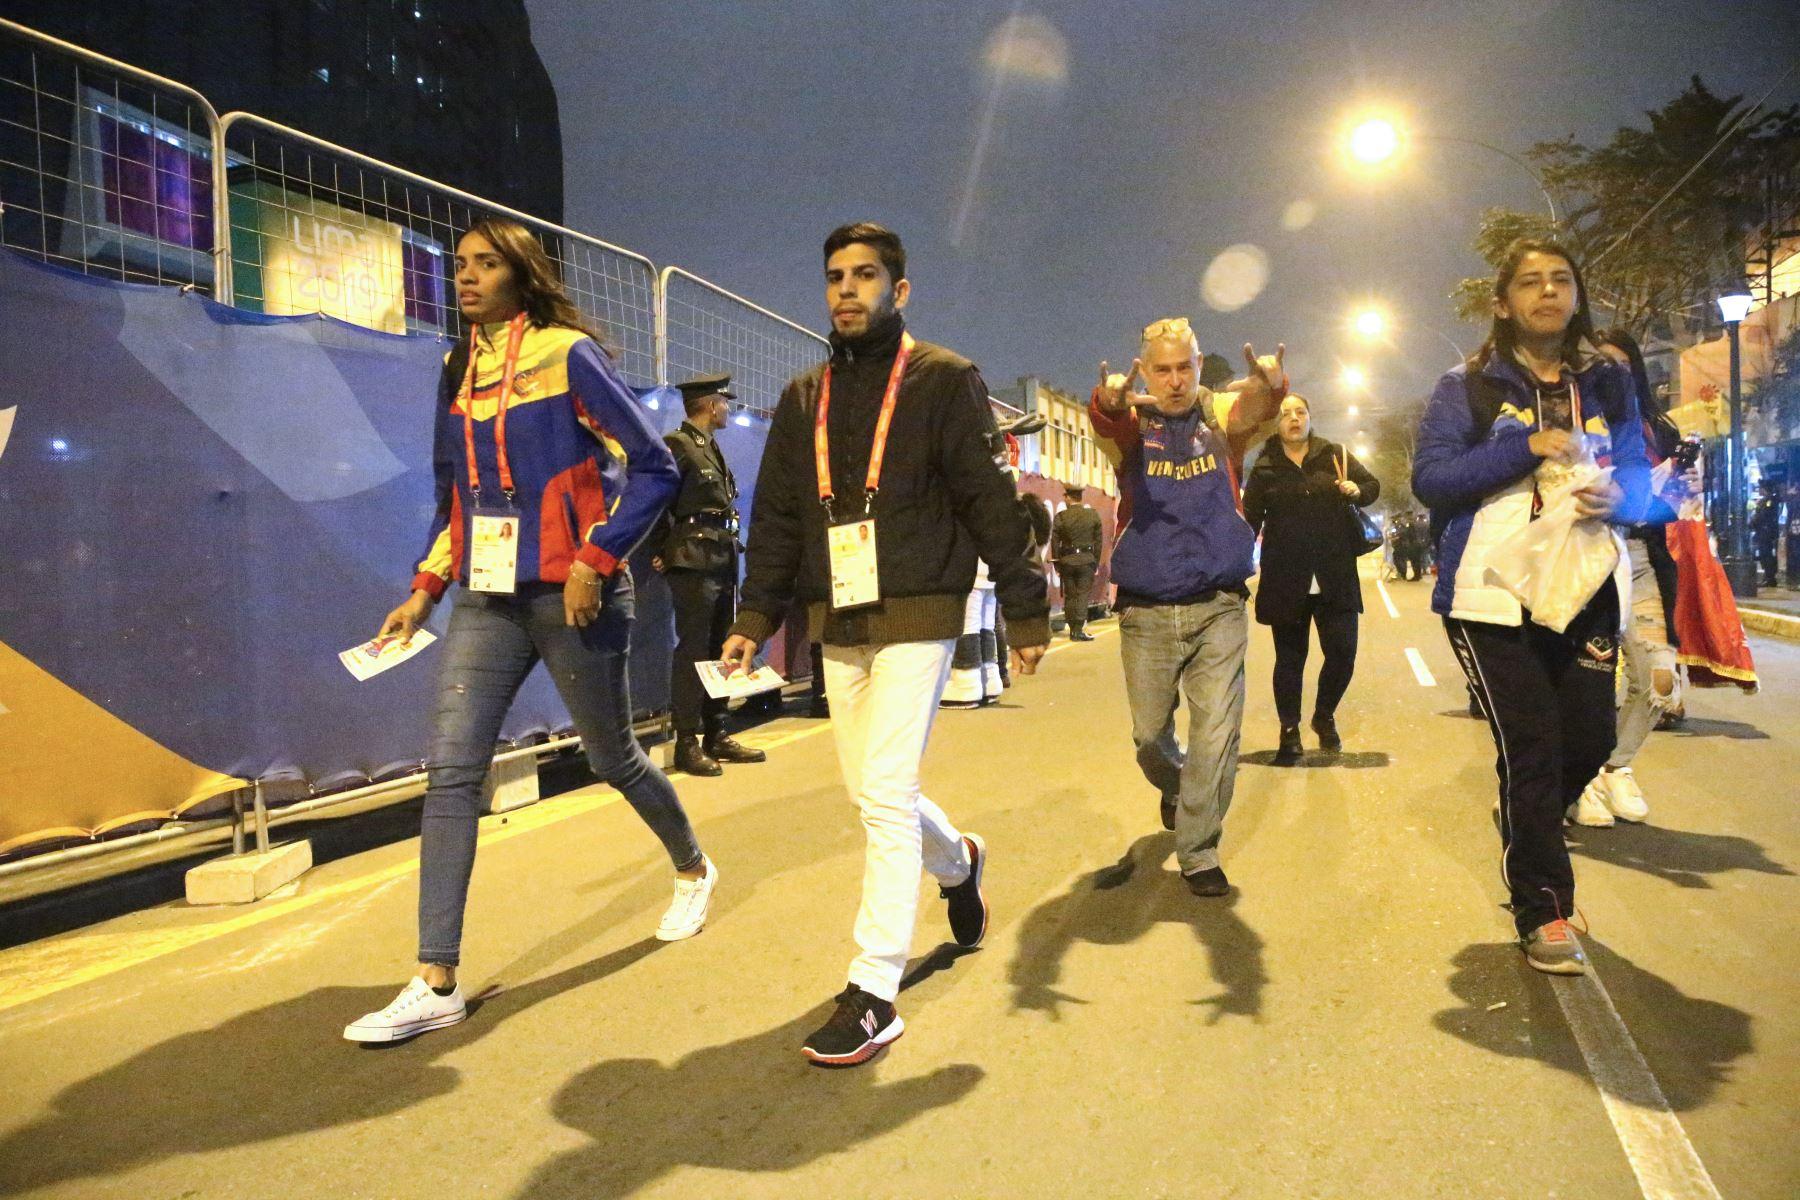 Emoción en los previos a la inauguración de los Juegos Parapanamericanos Lima 2019. Foto: ANDINA/Eddy Ramos